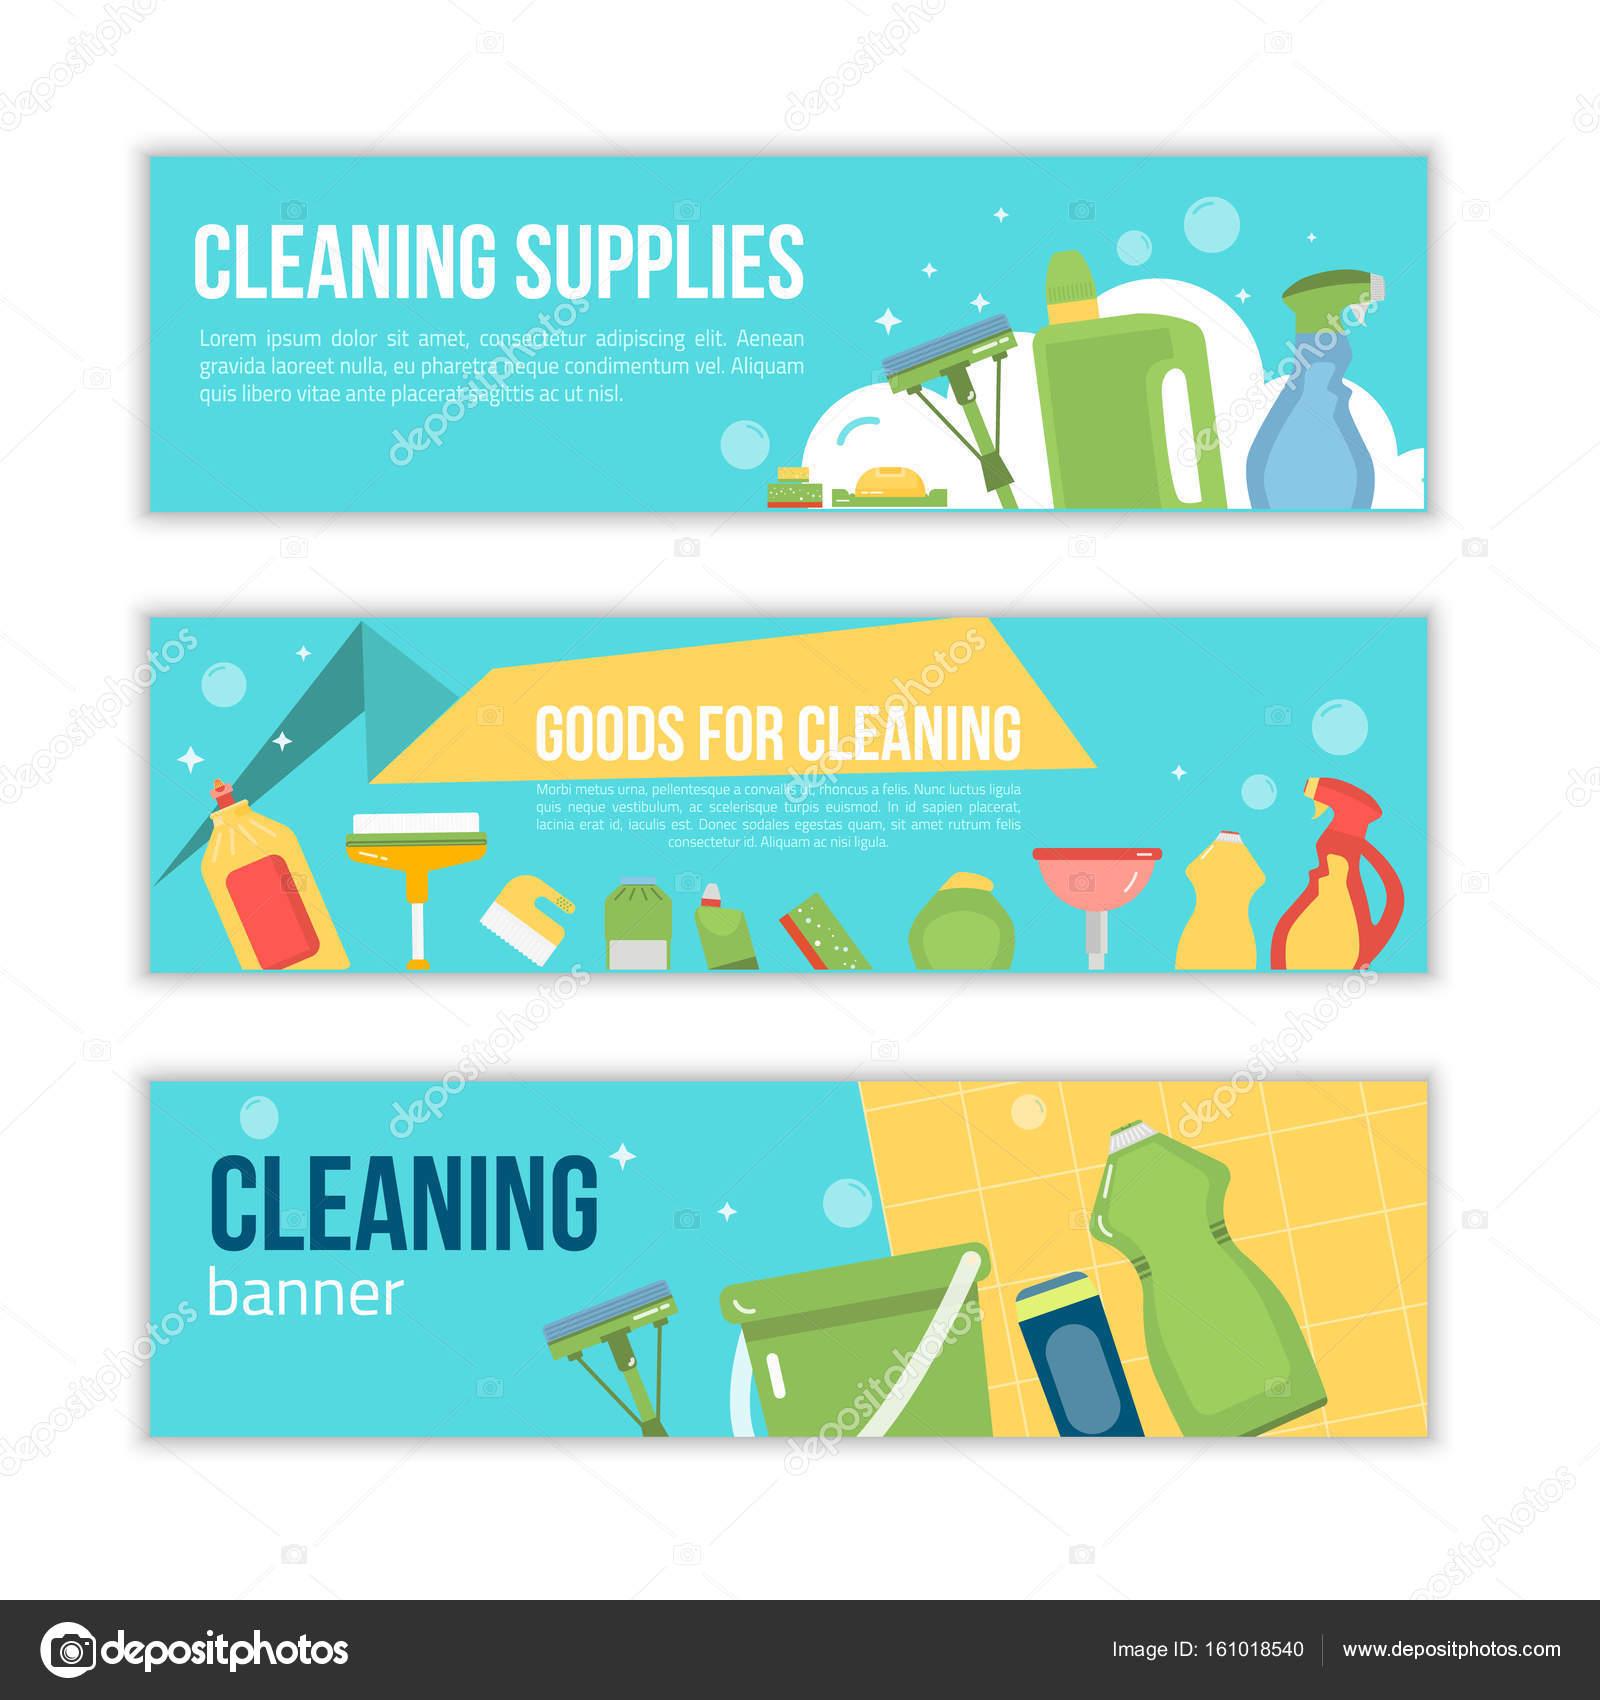 Reinigung Service Förderung Abbildung Banner Design Für Reinigung